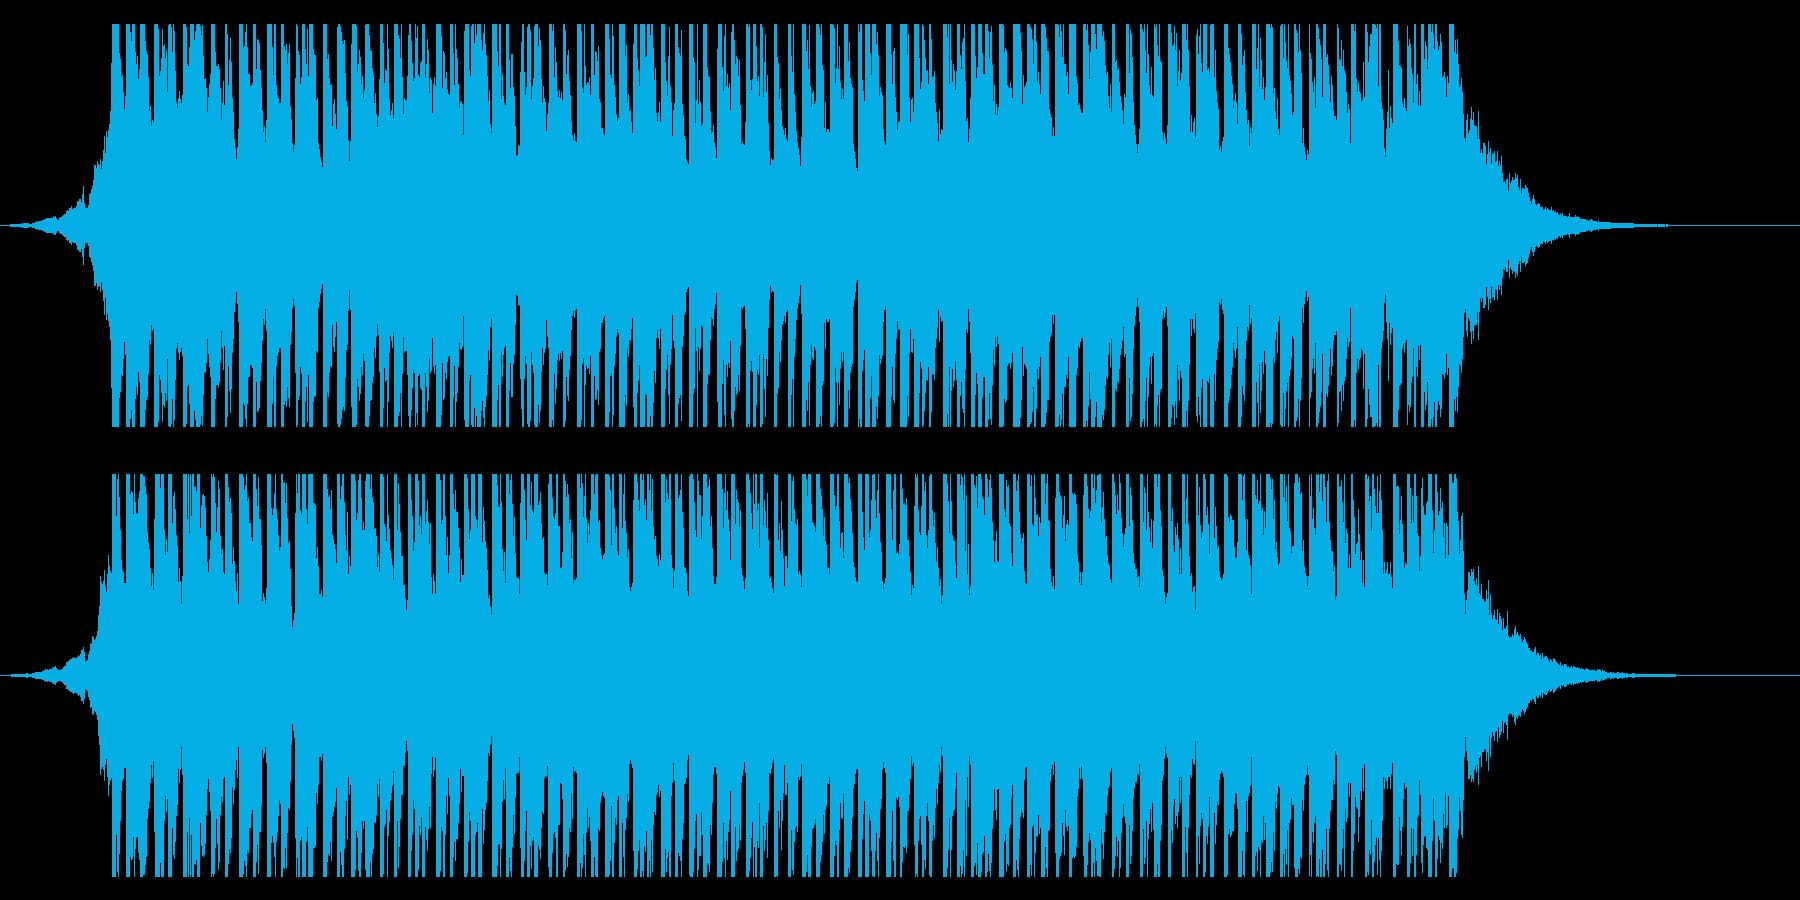 ハッピーサニーデイズ(30秒)の再生済みの波形